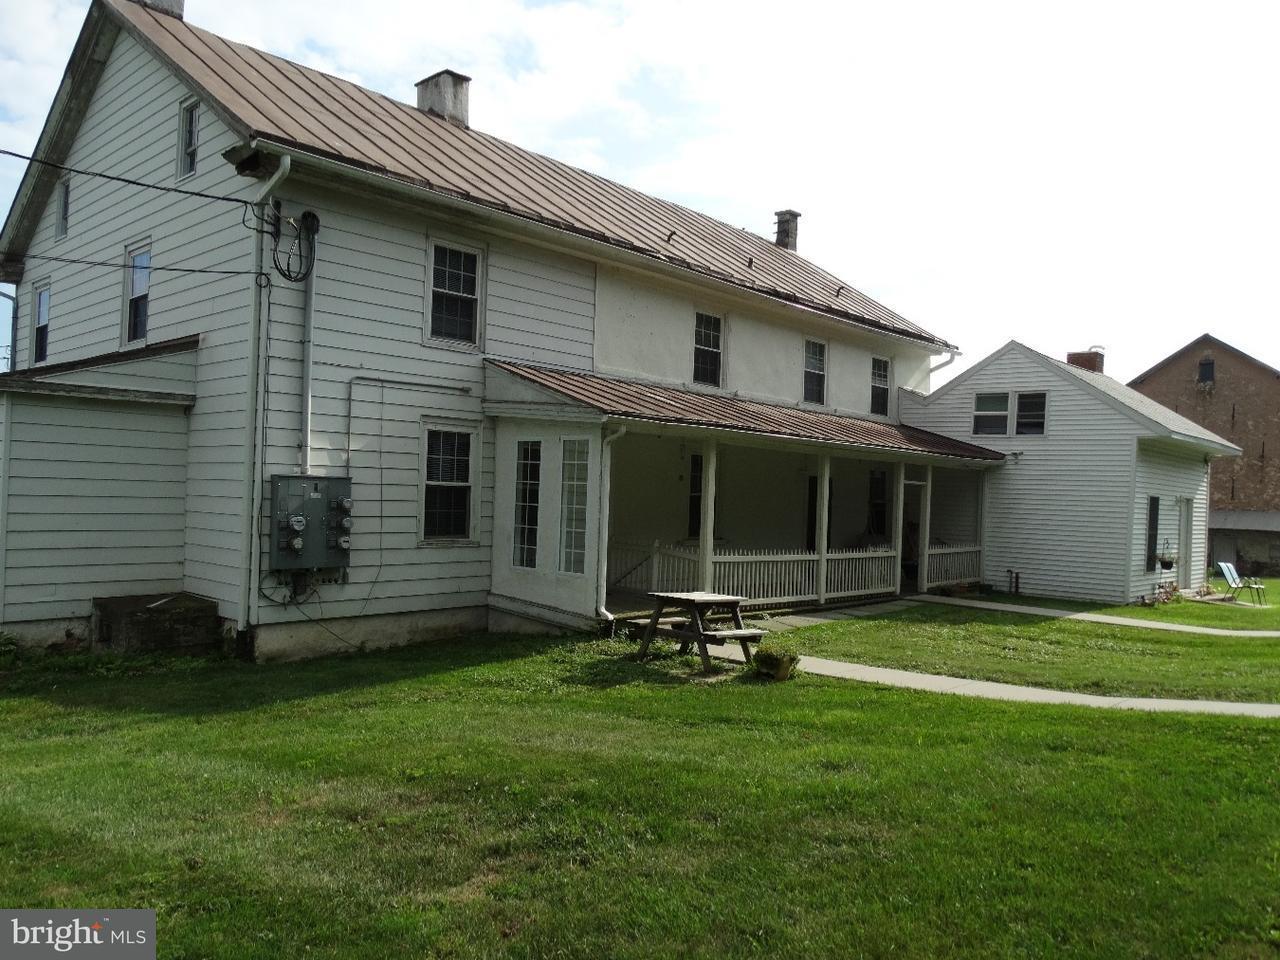 独户住宅 为 销售 在 330 SHILOH Road Morgantown, 宾夕法尼亚州 19543 美国